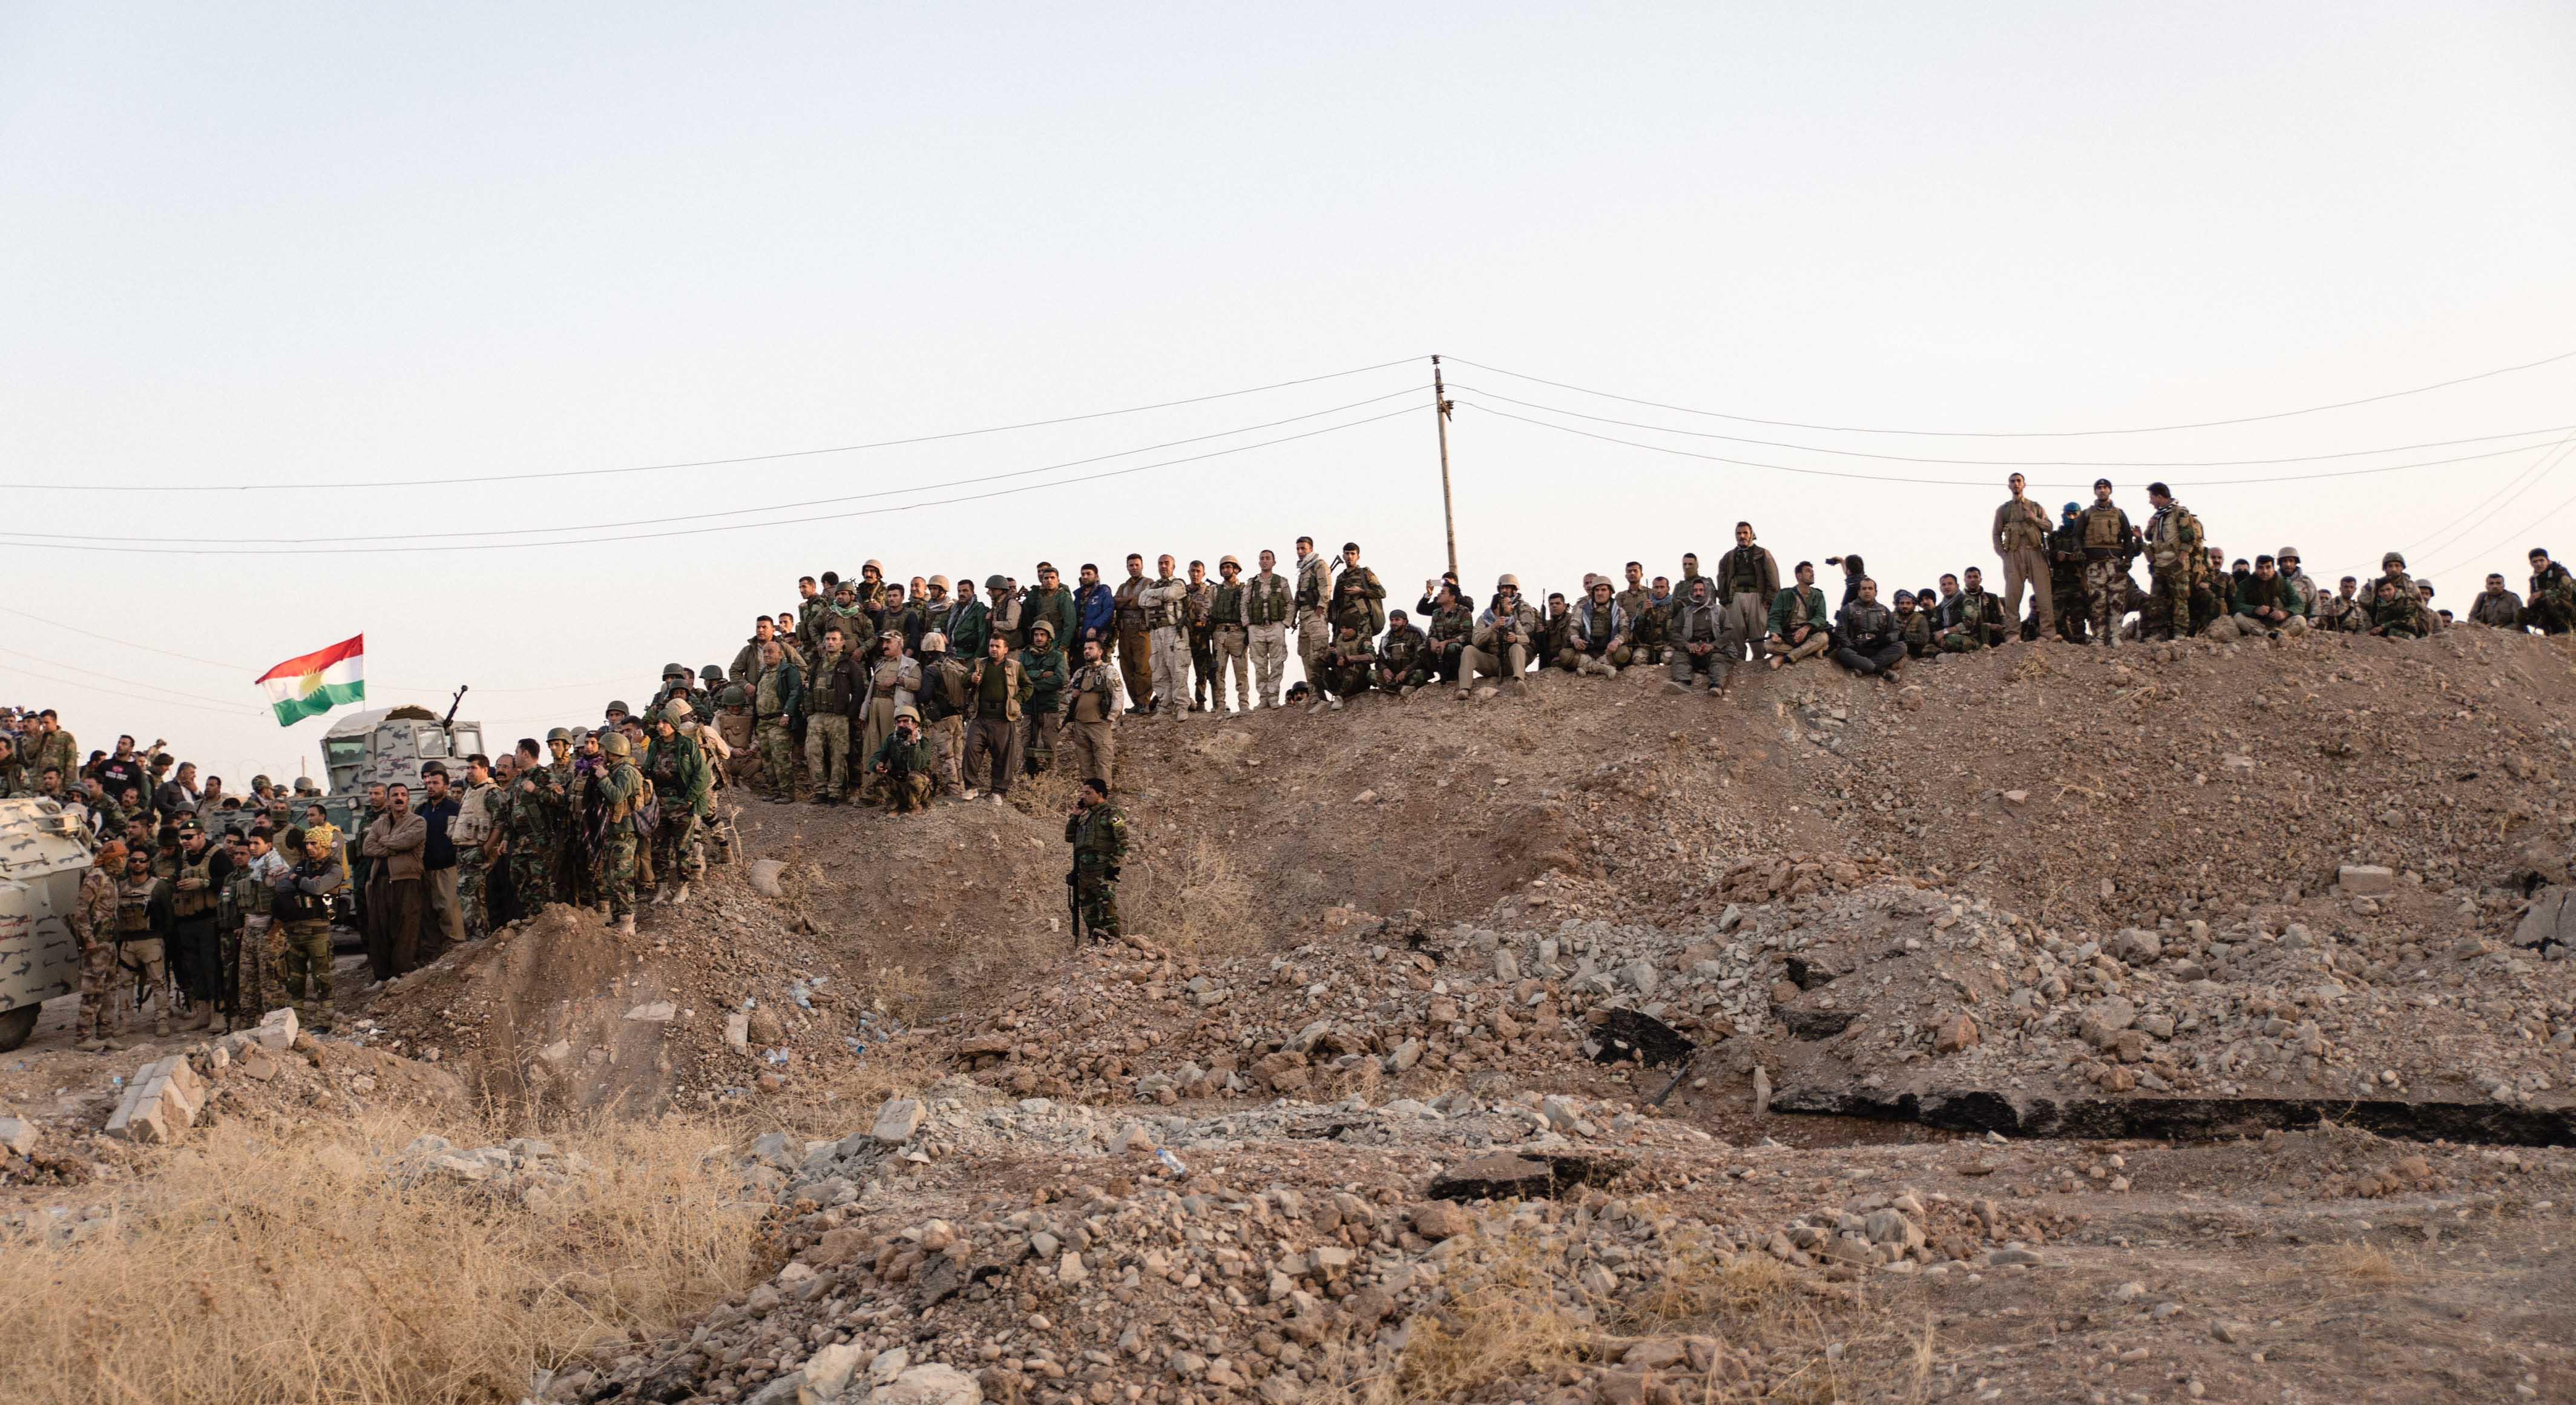 Quelques jours avant la prise de Mossoul, les villes et villages aux alentours se font reprendre. Bashika, une ville Yézédis et chrétienne, étant ainsi le dernier bastion des Peshmergas. © Quentin Bruno / Hans Lucas